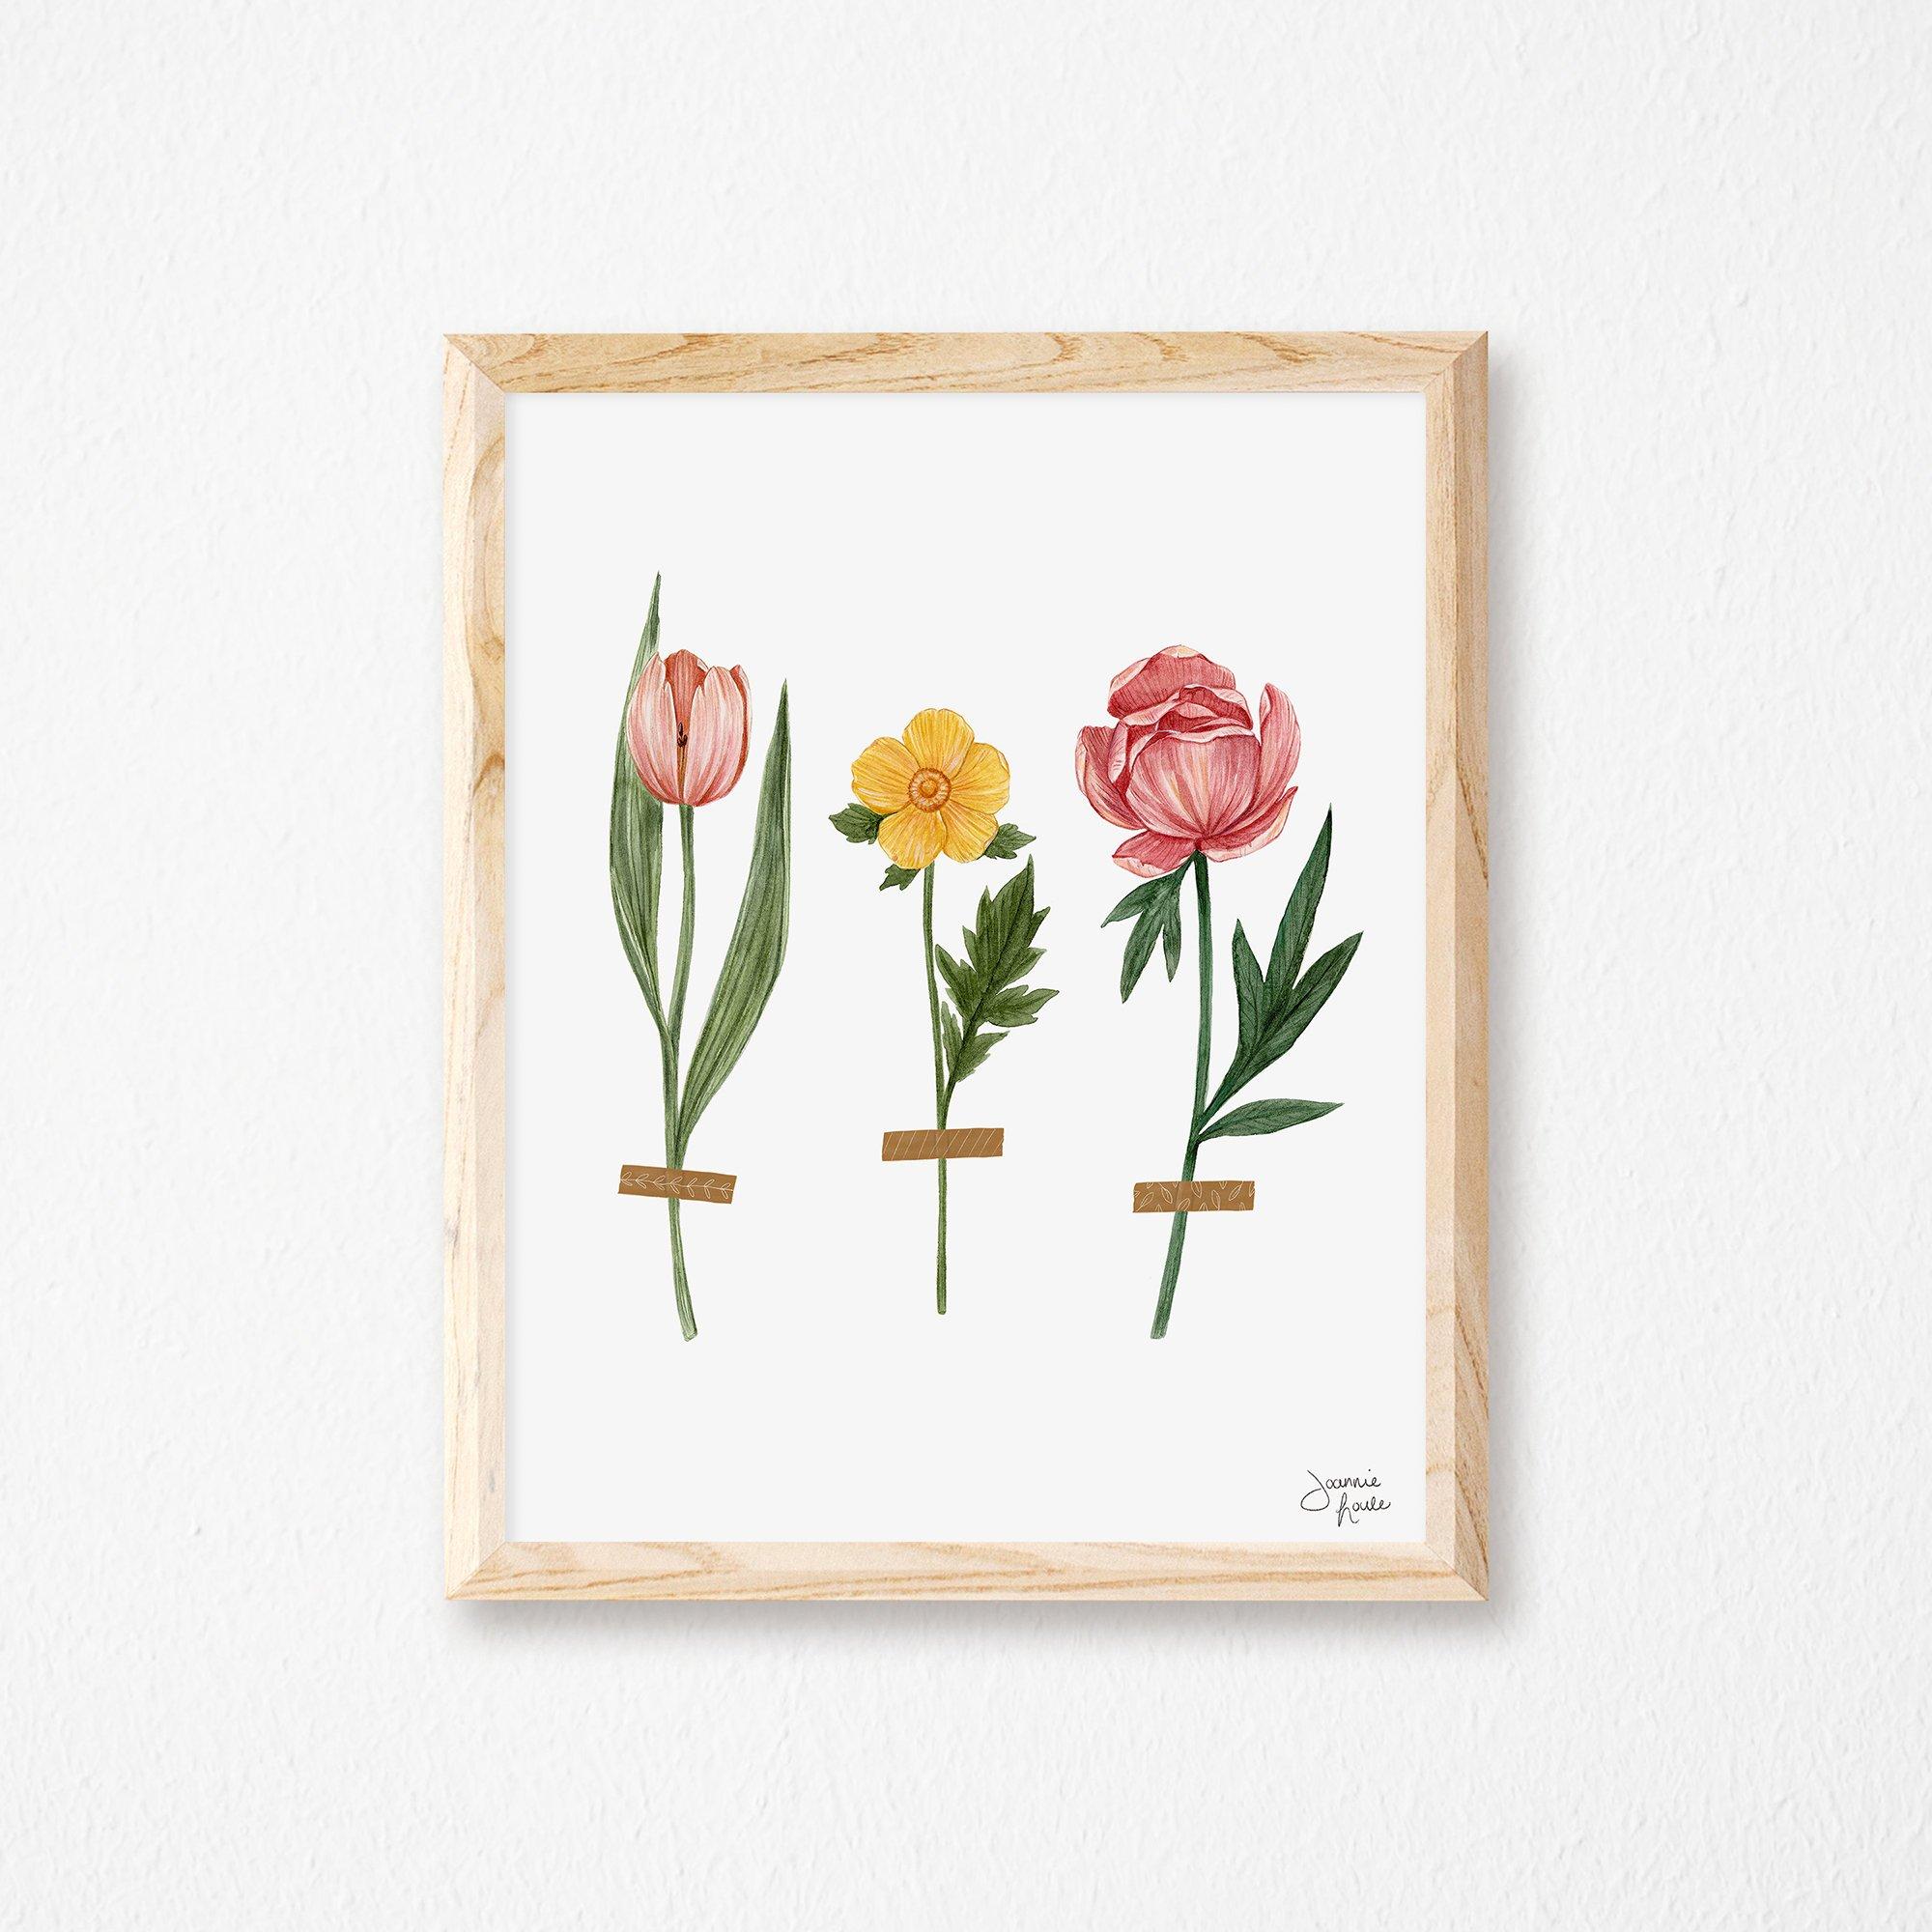 joannie houle, etsy, illustration, fleurs, florales, florale